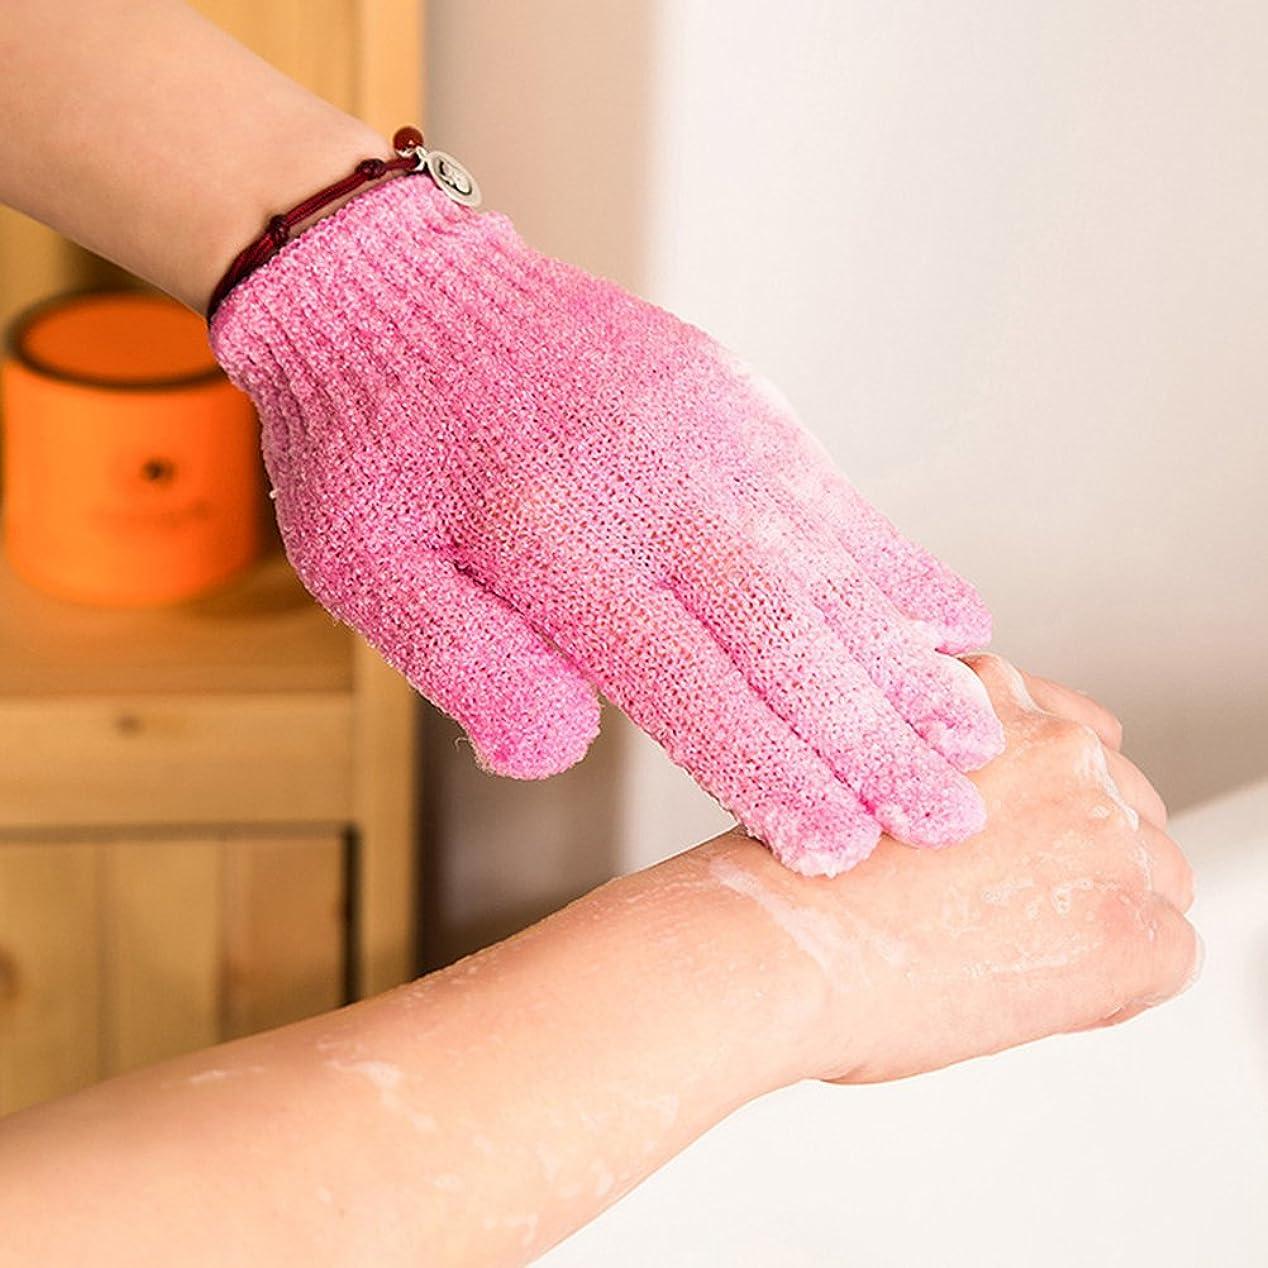 柔らかさ不規則性製品ROSENICE シャワーエクスフォリエイティングバスグローブナイロンシャワーグローブボディスクラブエクスフォリエーター4ペア